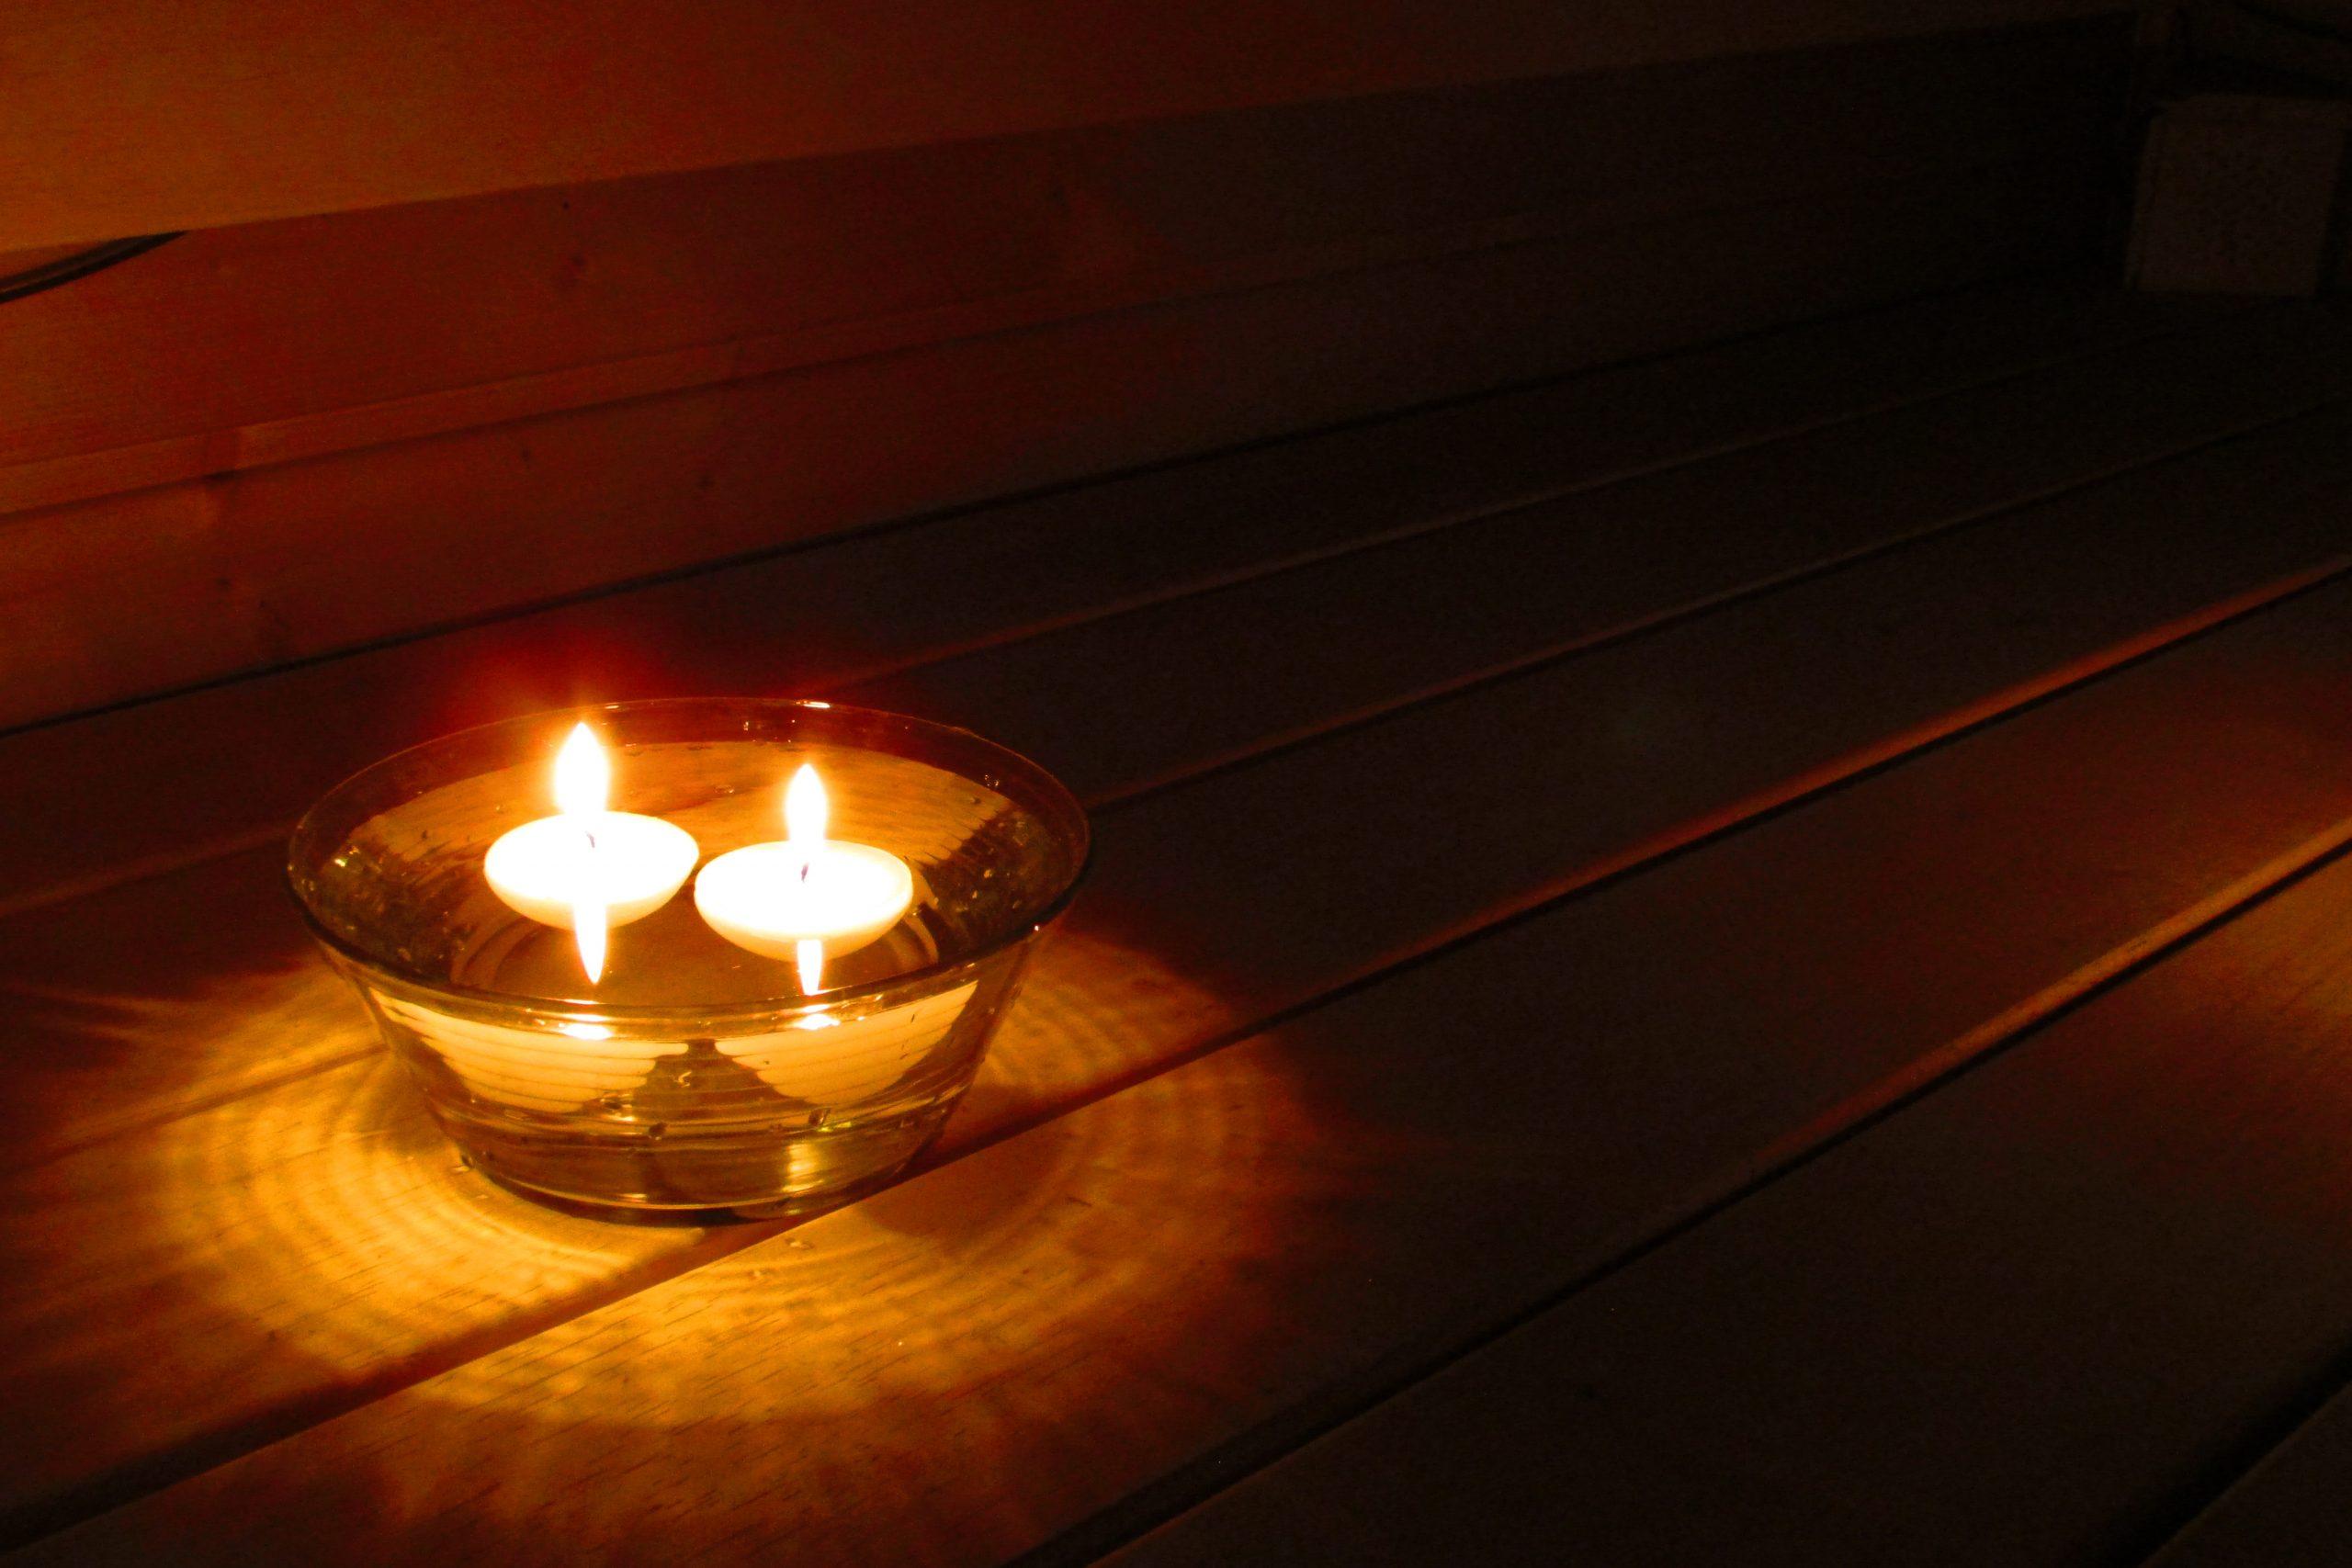 3 Kynttilätalon saunakynttilä kestä lauteella löyöyt ja höyryt